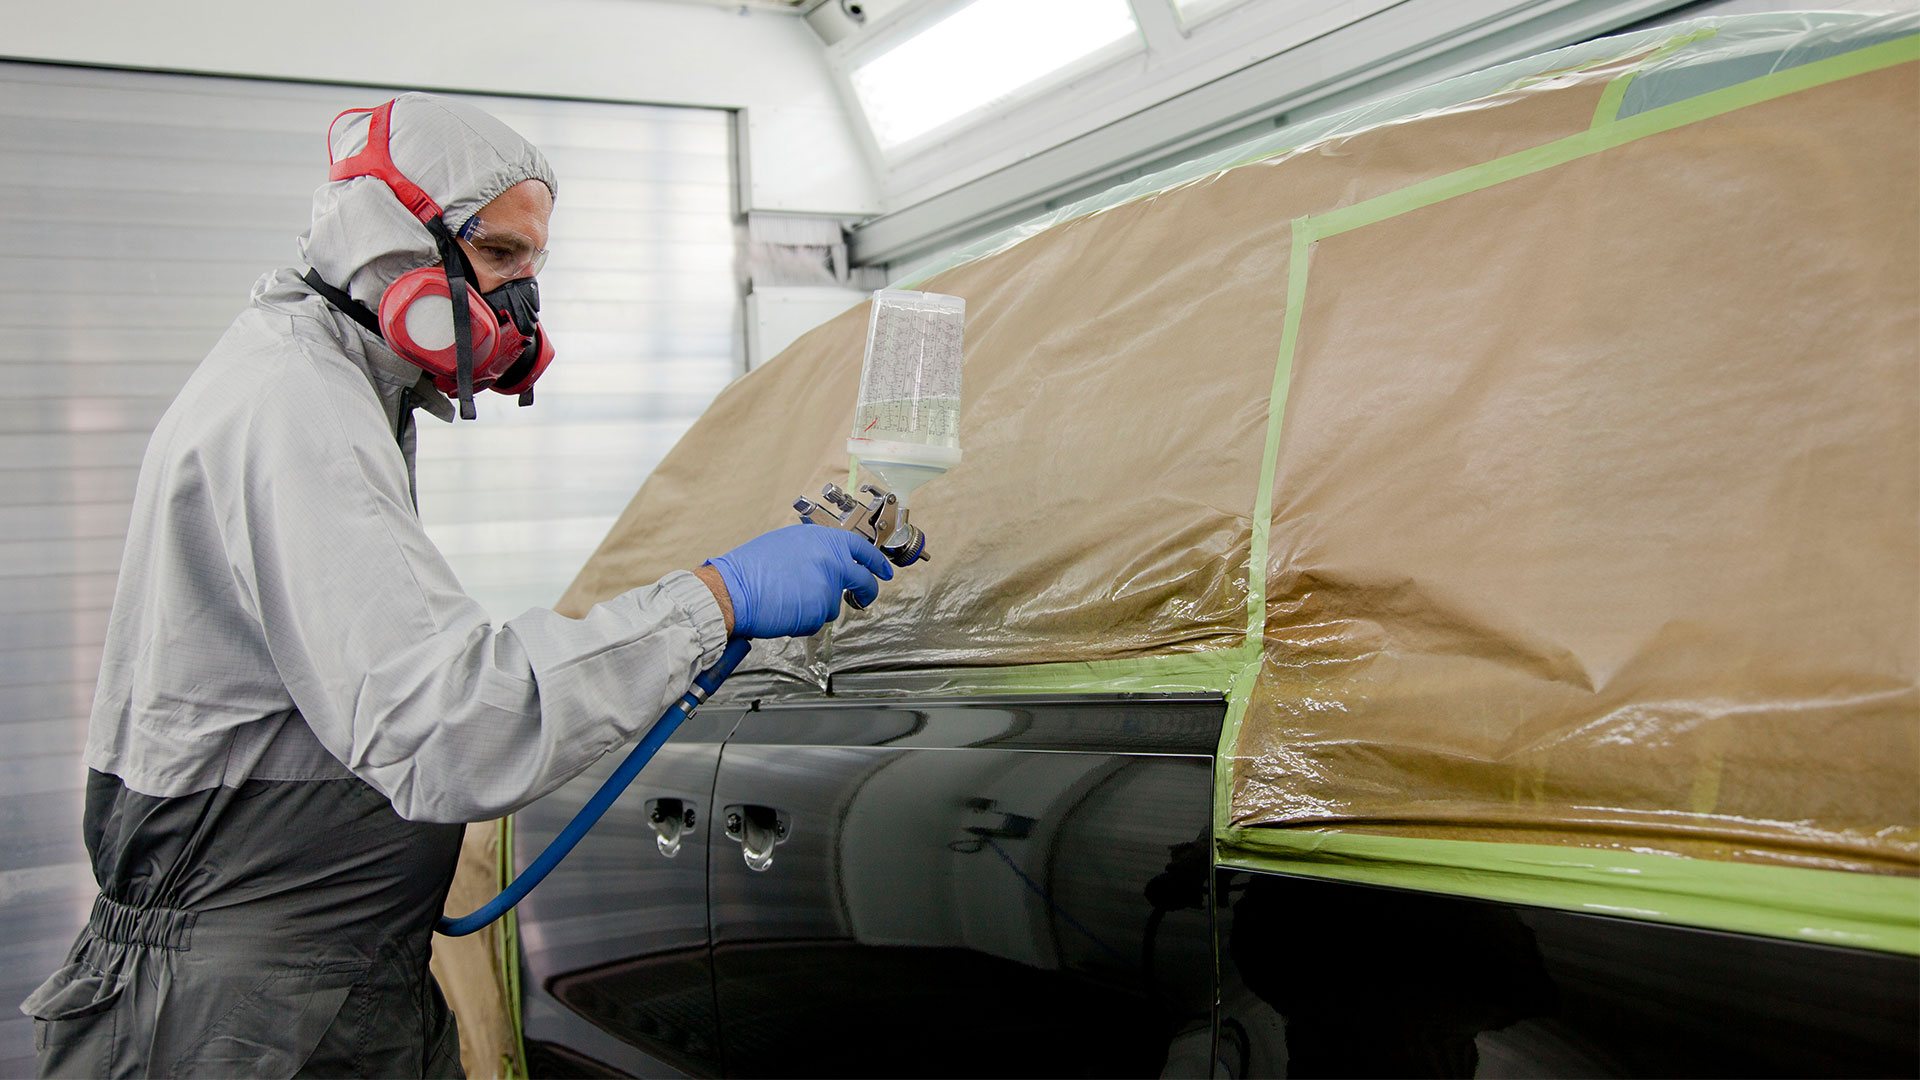 Mann mit Atemschutzmaske und Farbspritzpistole lackiert Auto.